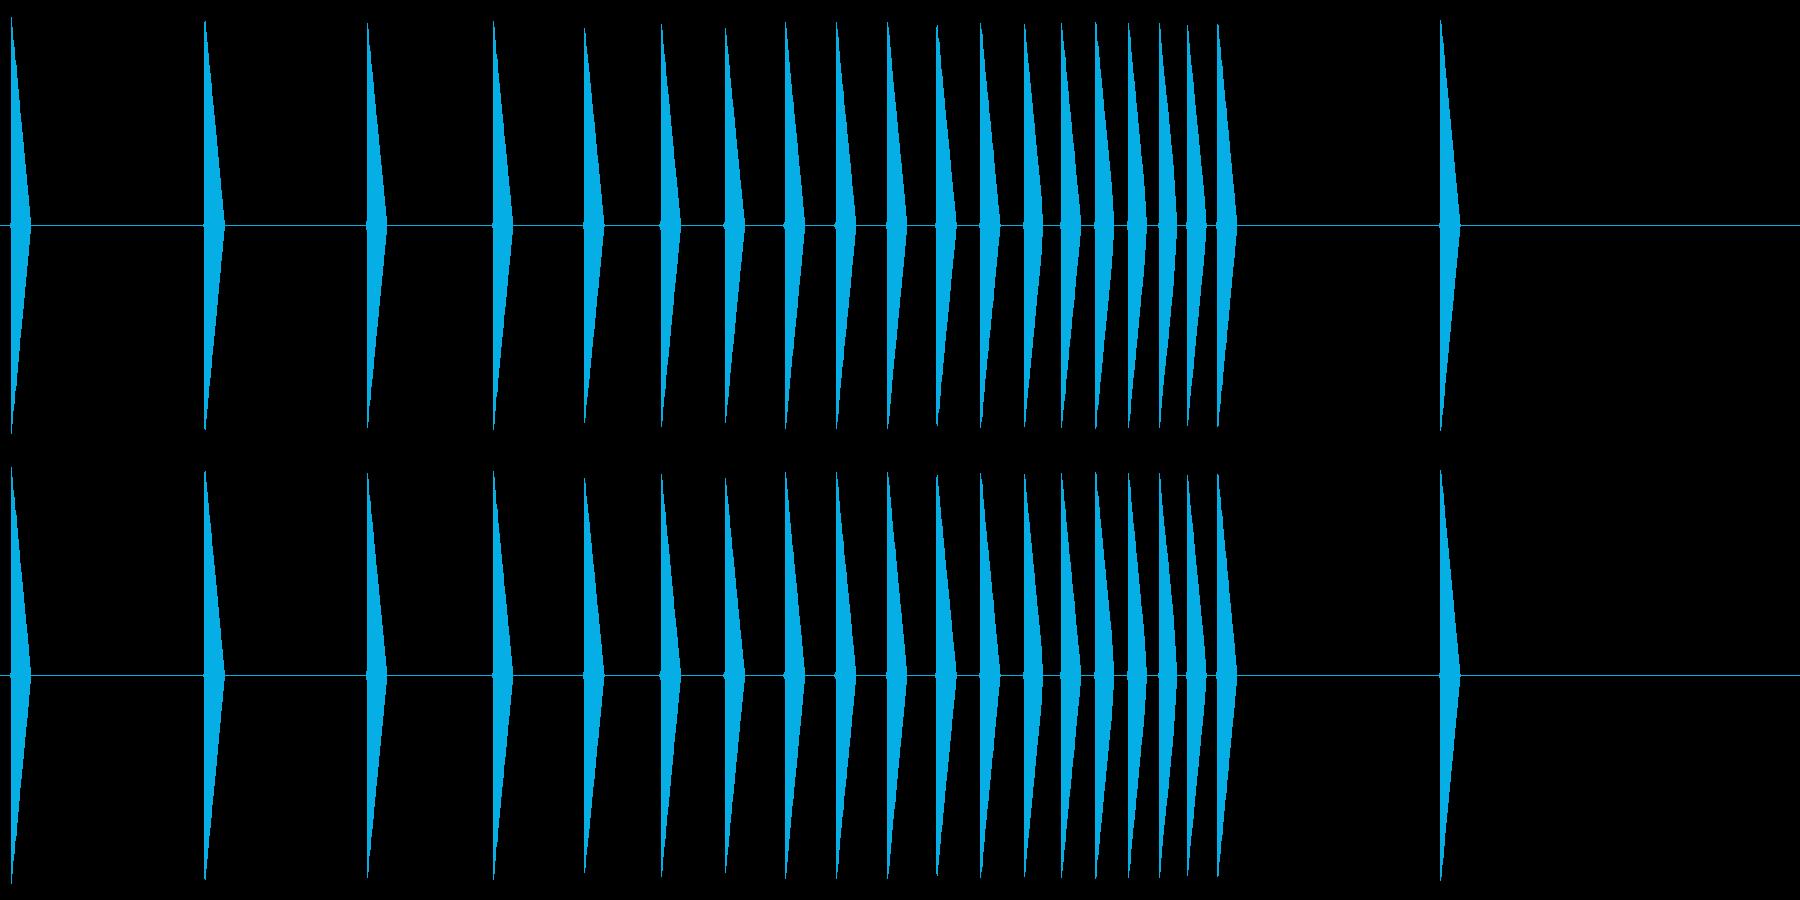 鼓(つづみ)ファミコン系 Tsuzumiの再生済みの波形